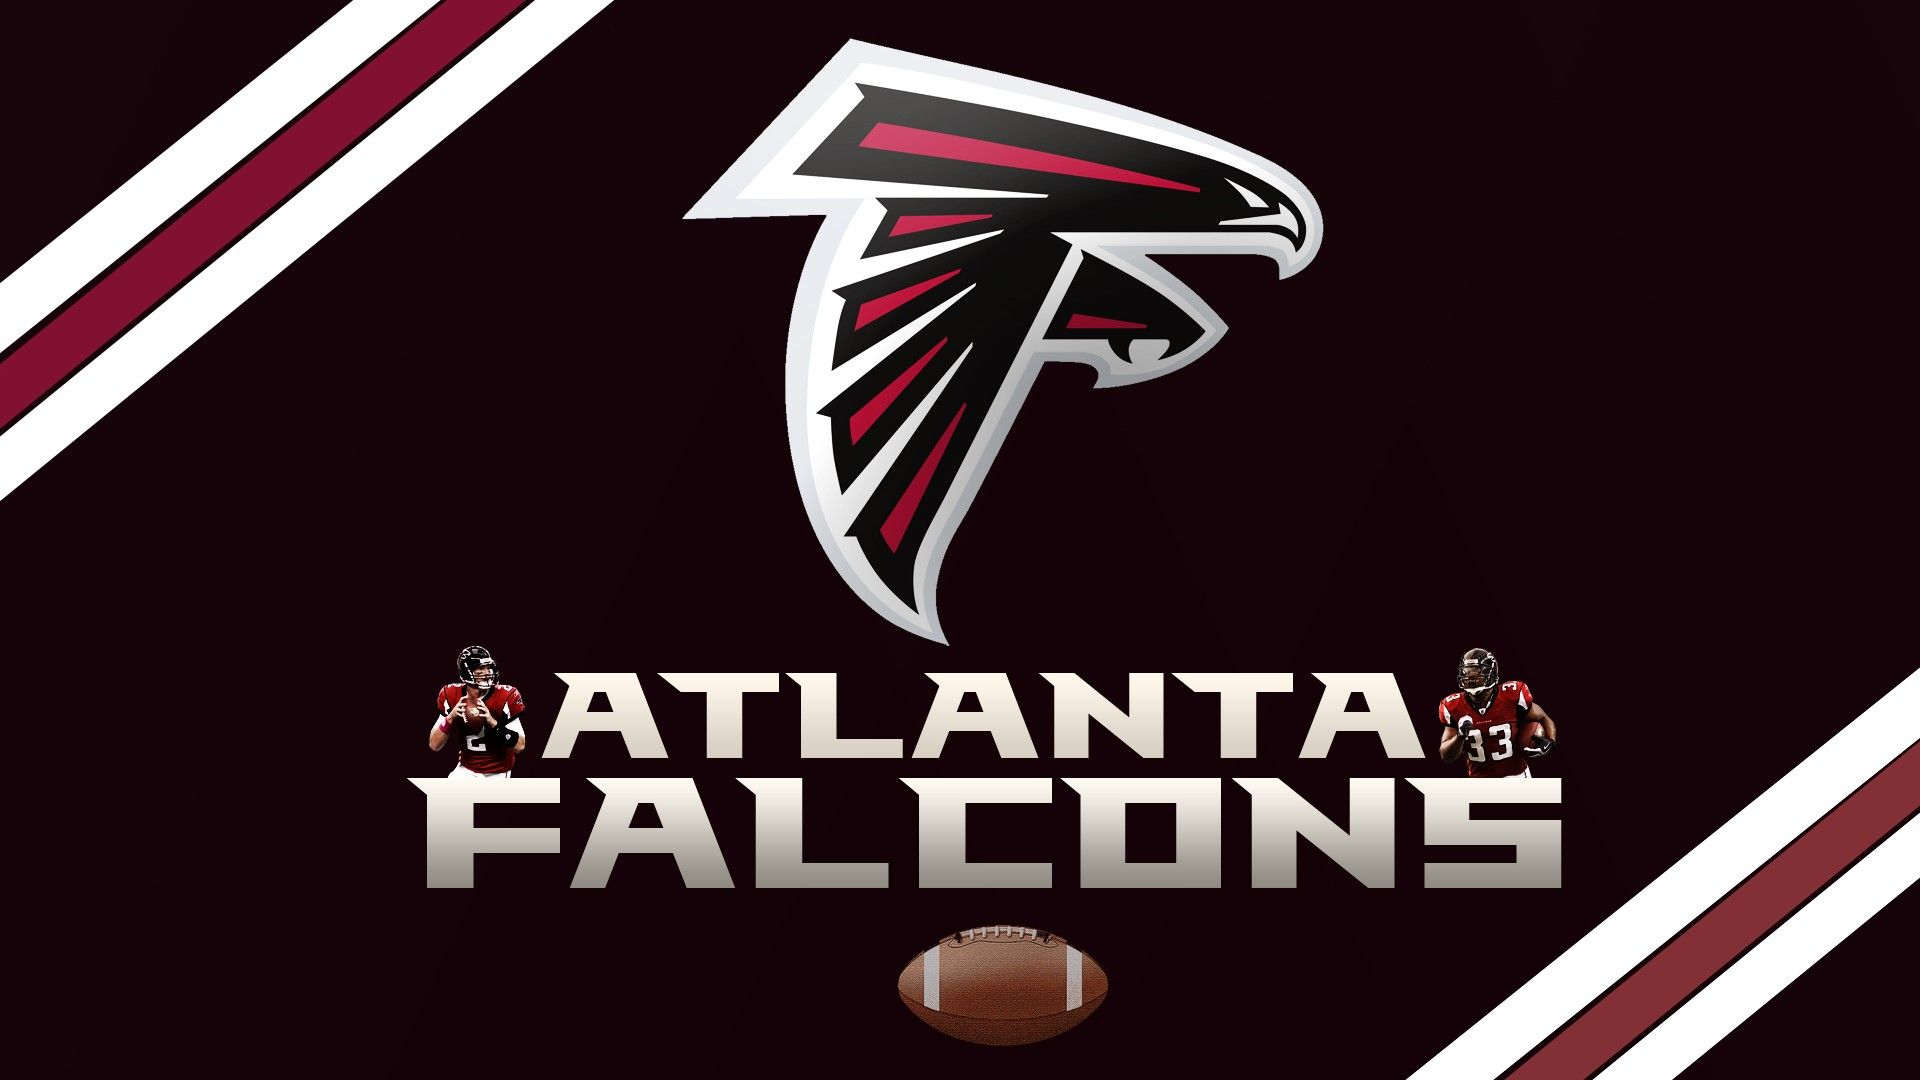 Nfl Wallpapers In 2020 Atlanta Falcons Wallpaper Atlanta Falcons Atlanta Falcons Logo